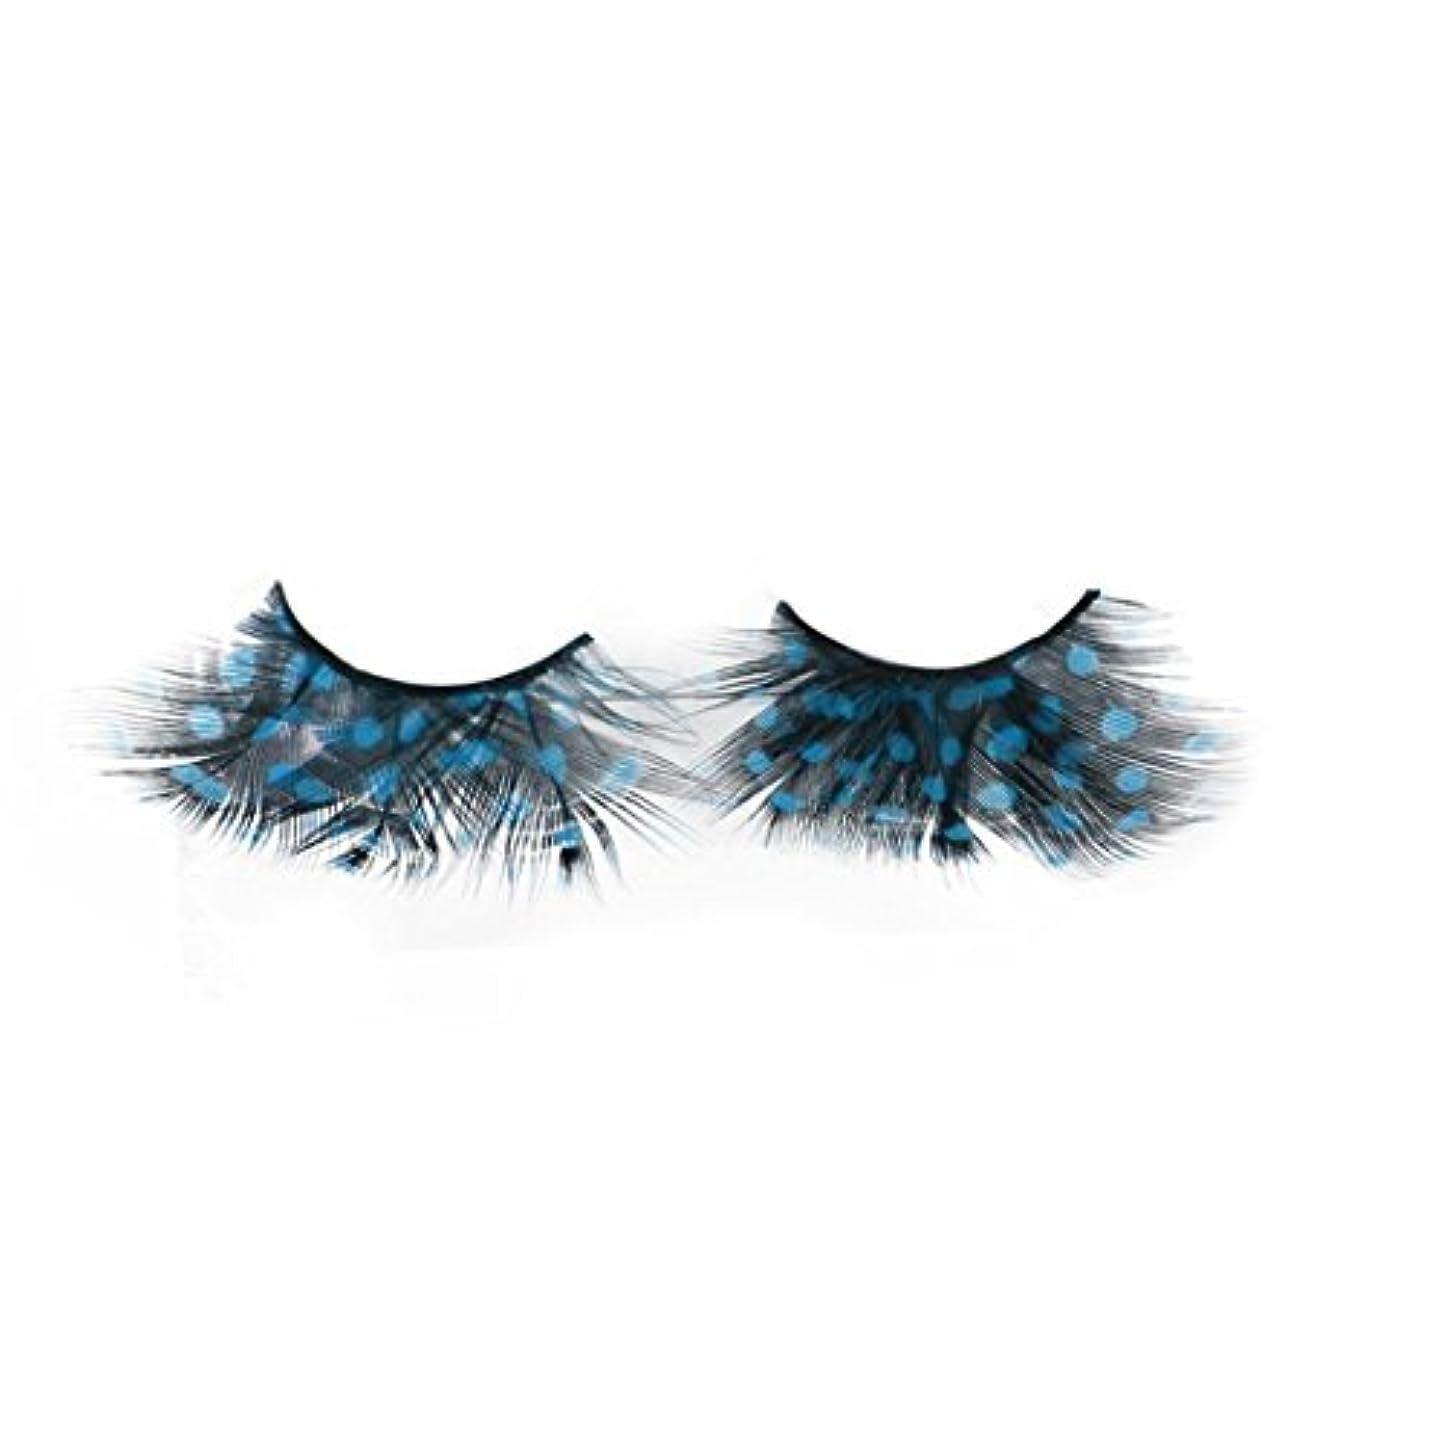 各役に立たないジムFeteso 1ペア つけまつげ 上まつげ Eyelashes アイラッシュ ビューティー まつげエクステ レディース 化粧ツール アイメイクアップ 人気 ナチュラル 飾り 柔らかい 装着簡単 綺麗 濃密 羽毛のまつげ